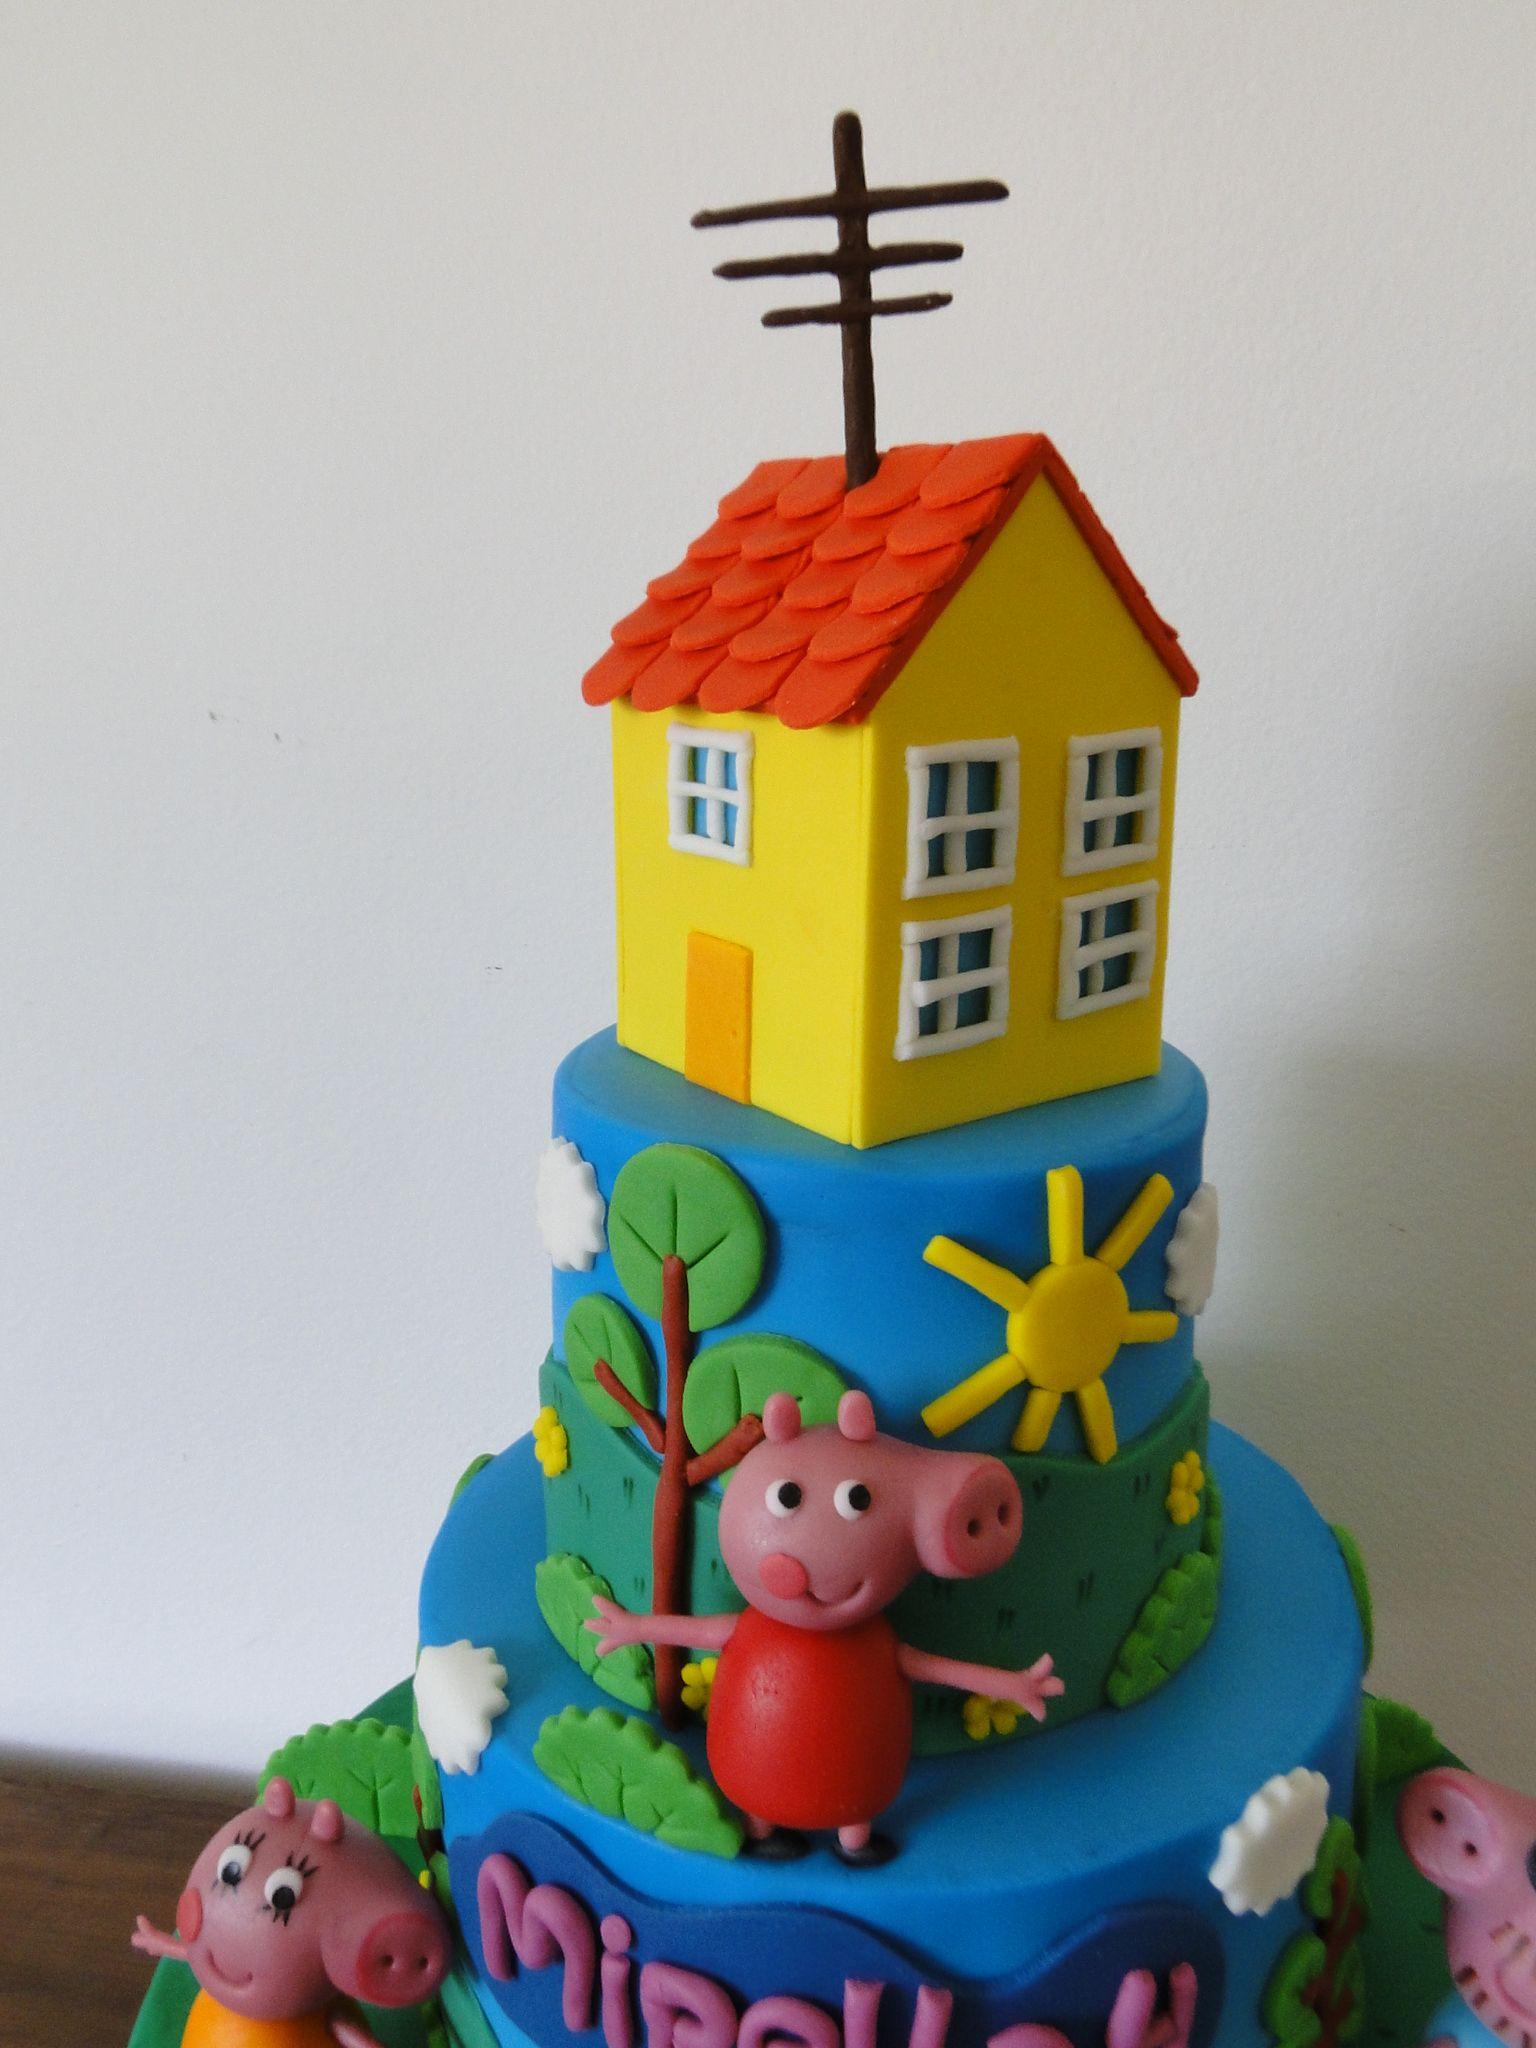 Detalhe do Topo do Bolo Peppa Pig - Casinha amarela!Tudo feito em Pasta Americana!